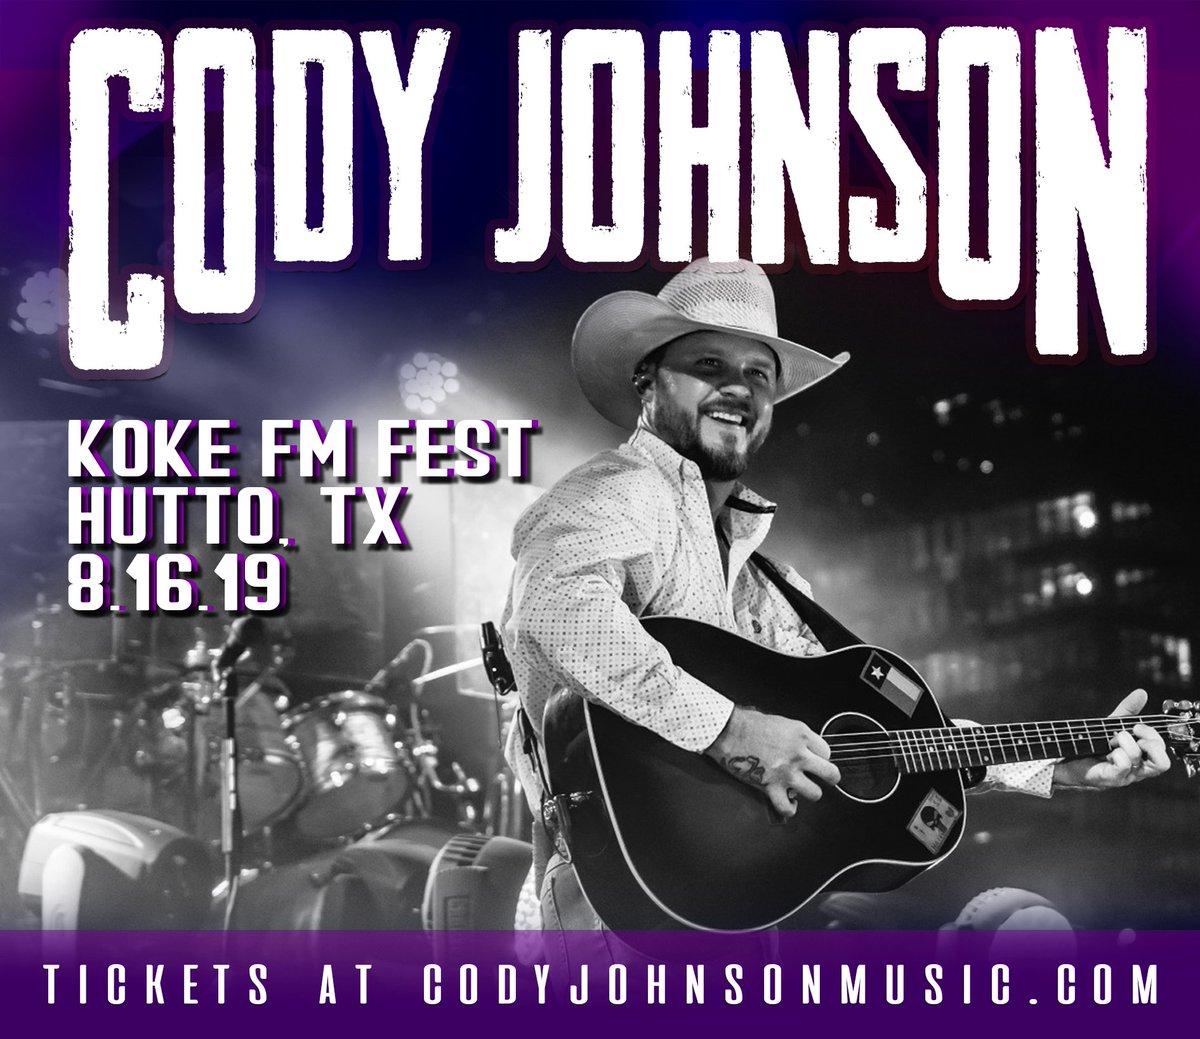 0088c2cb9 Cody Johnson (@codyjohnson) | Twitter